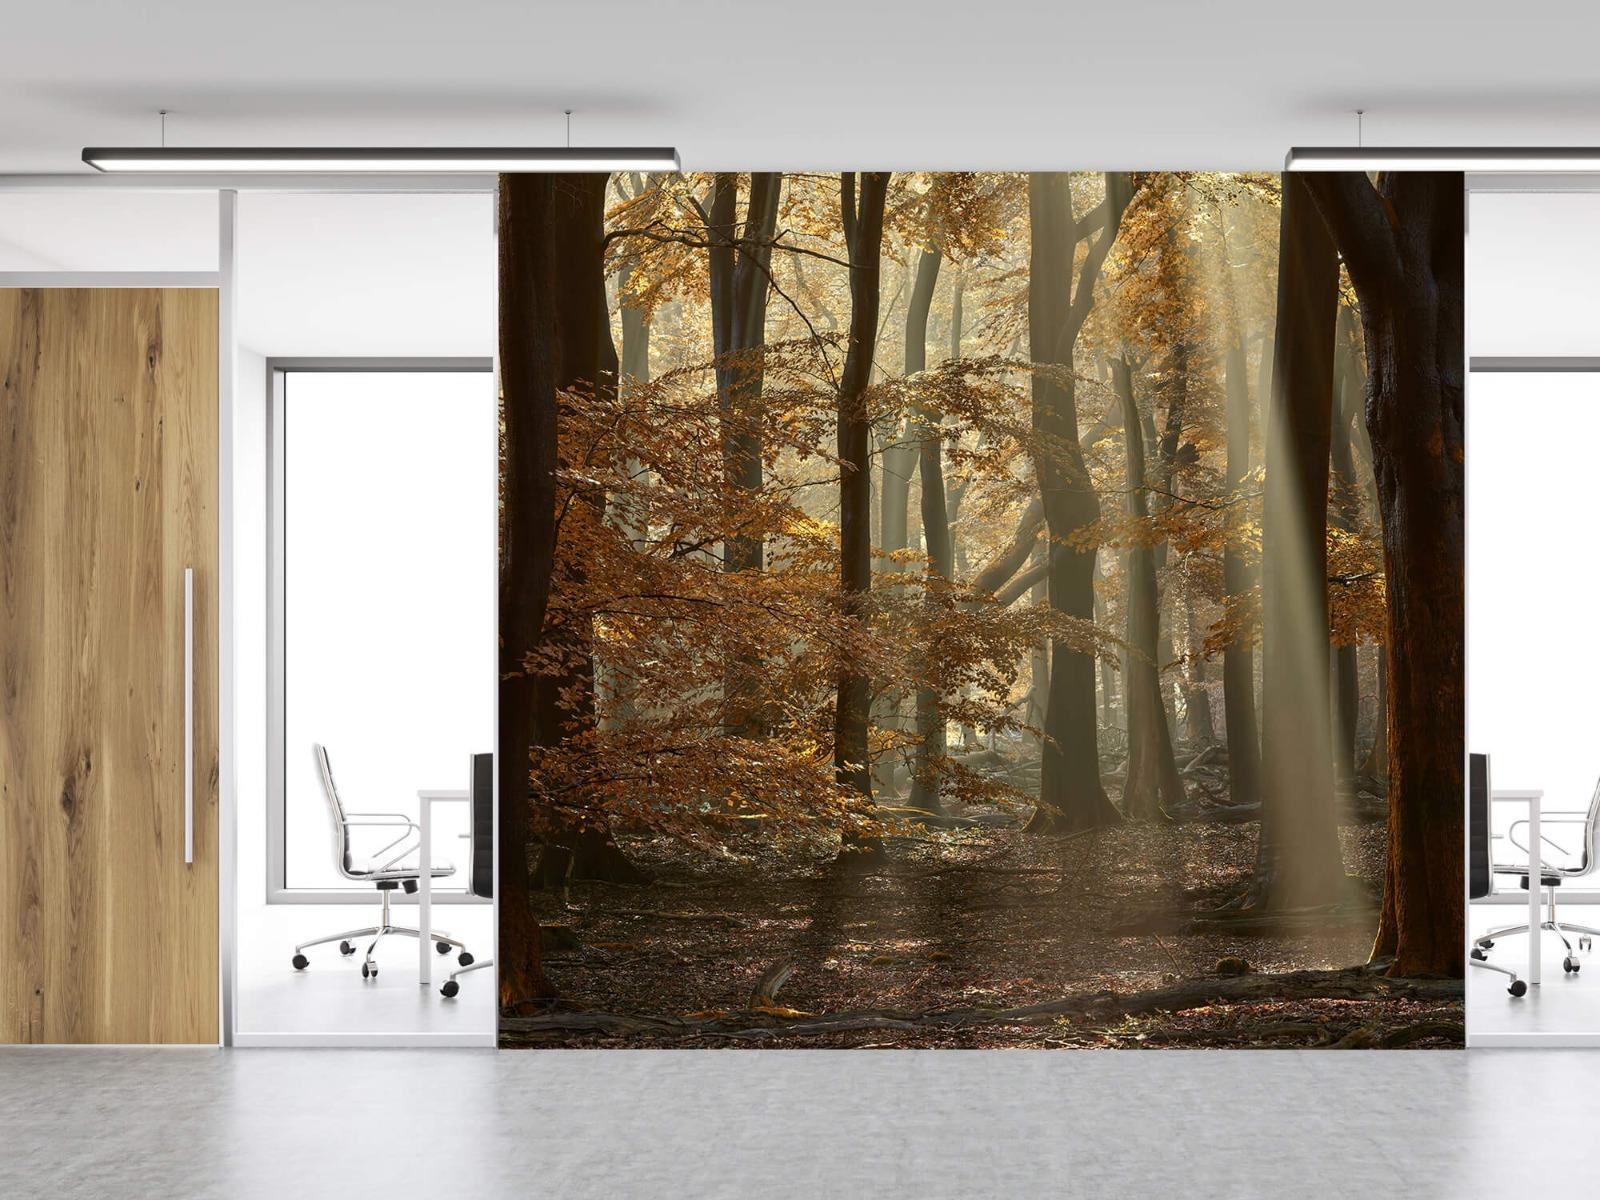 Bos behang - Herfstkleuren in het bos - Slaapkamer 13